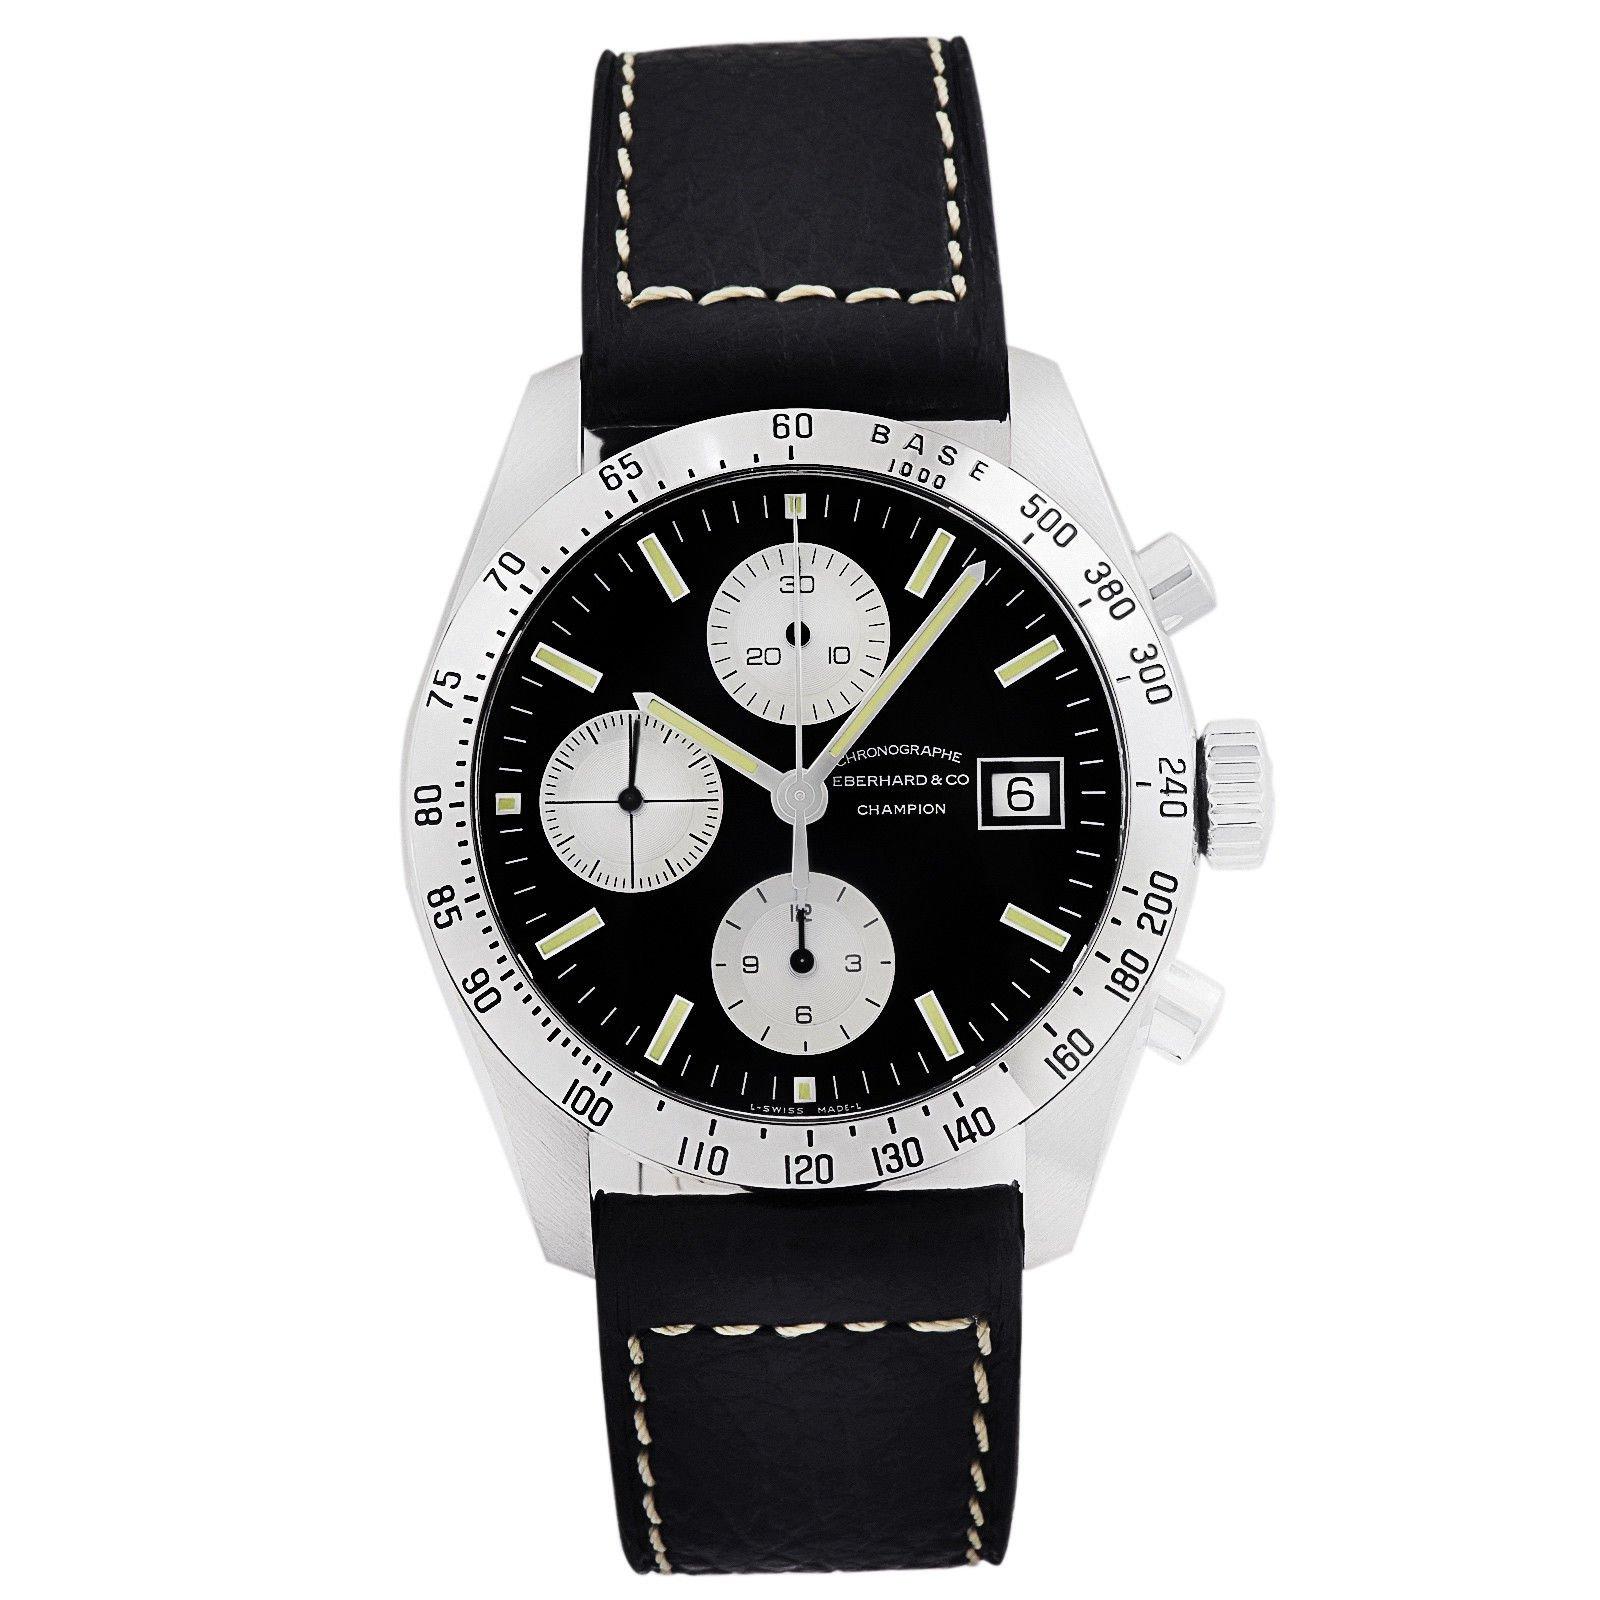 04 Suiza Hecho HombreCronógrafo Eberhardamp; Para En 31044 CoChampion Reloj Automático De Pulsera shotxdBrQC